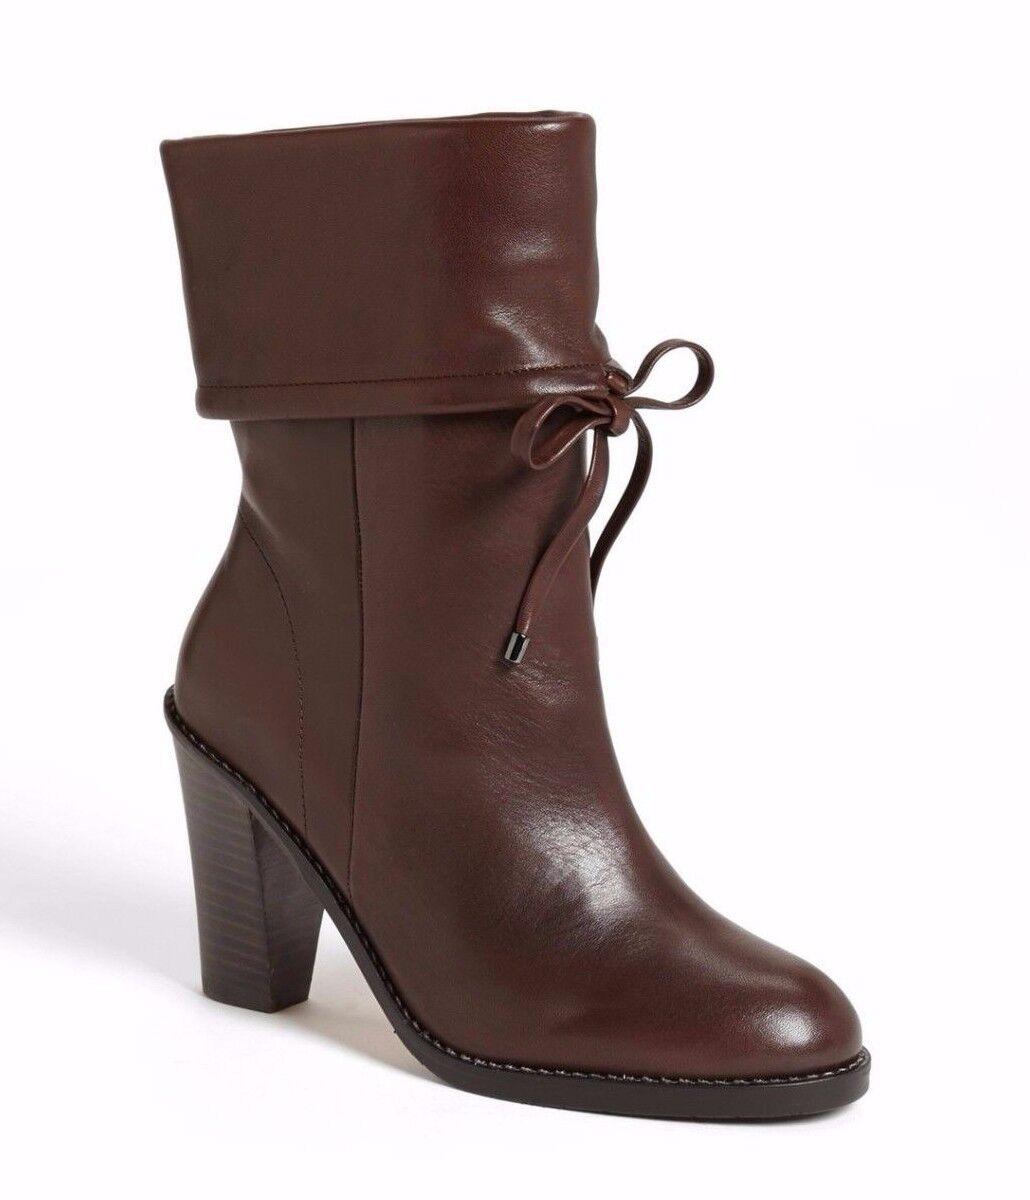 Nina Originals 'Paloma' plegable de cuero marrón sobre Brazalete mitad de la Pantorrilla botas Sz 6 Nuevo